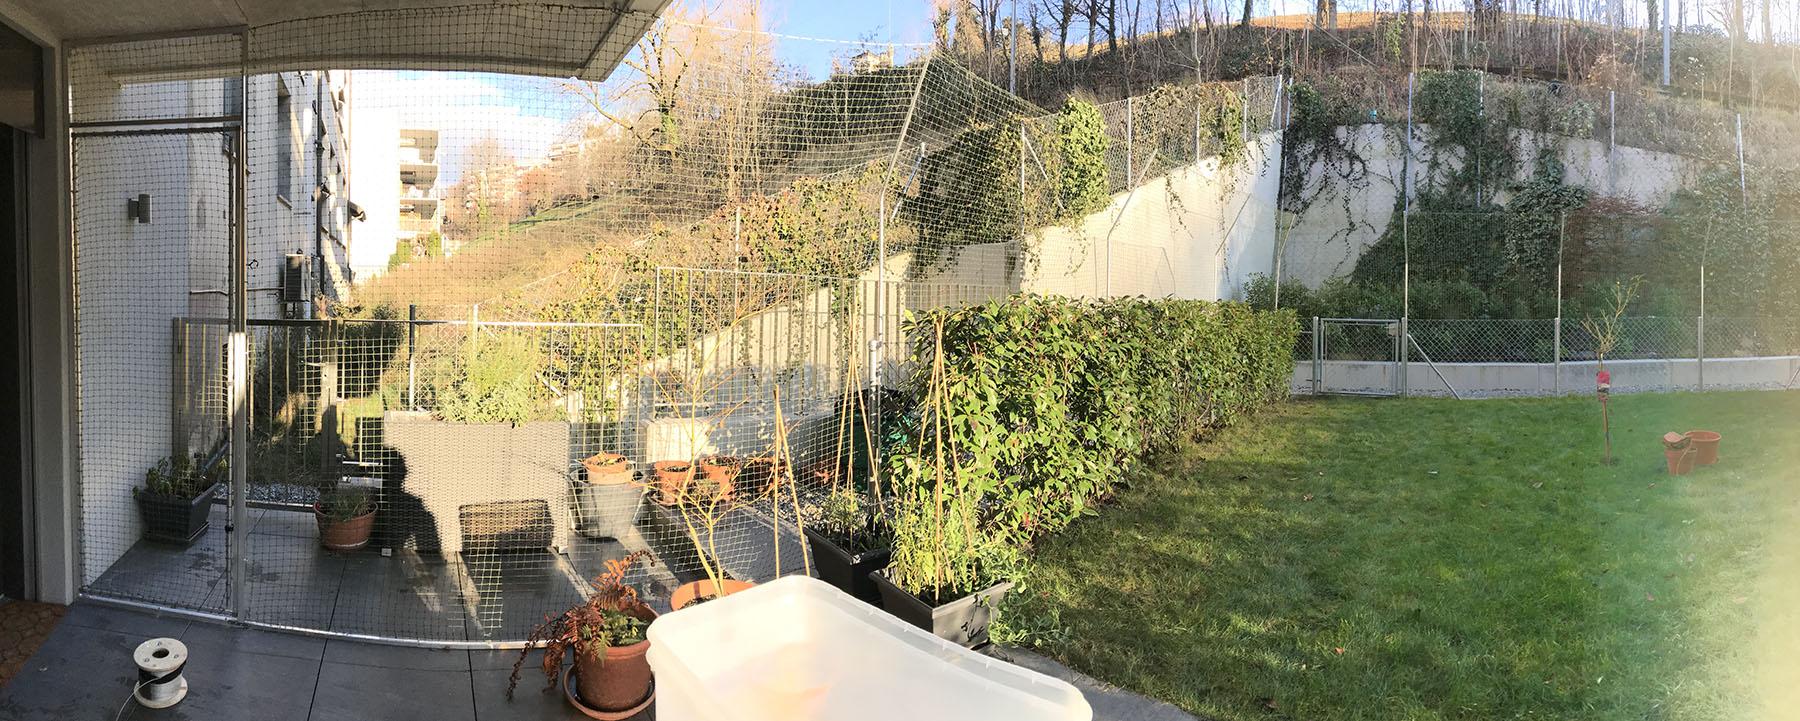 Sécuriser un jardin - Protection Chat